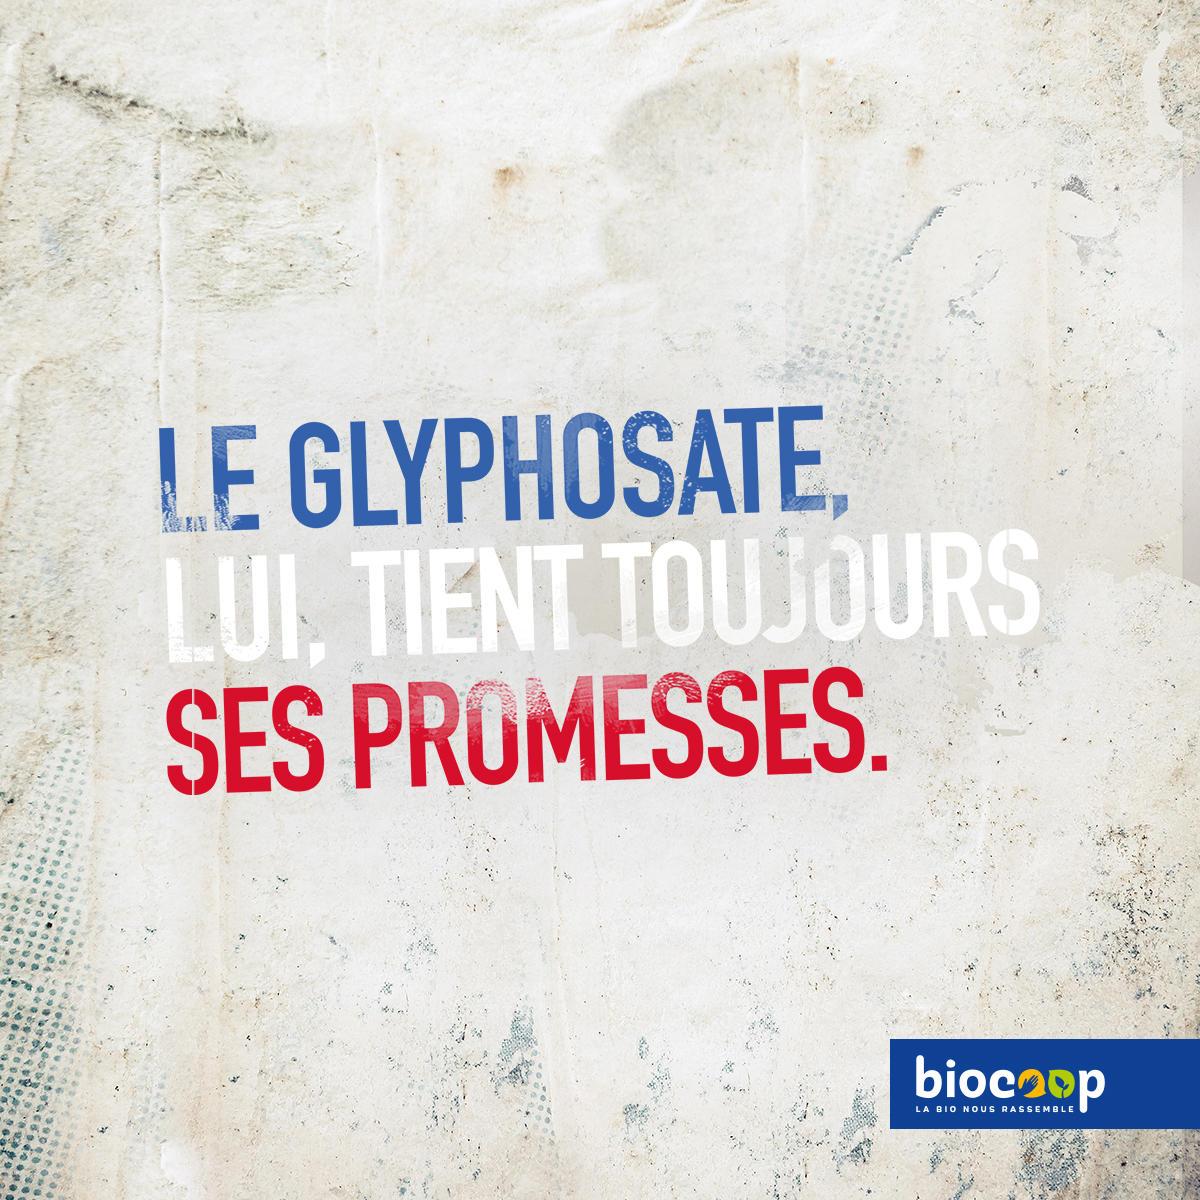 Linterdiction Du Glyphosate Dans 3 Ans Ou Jamais